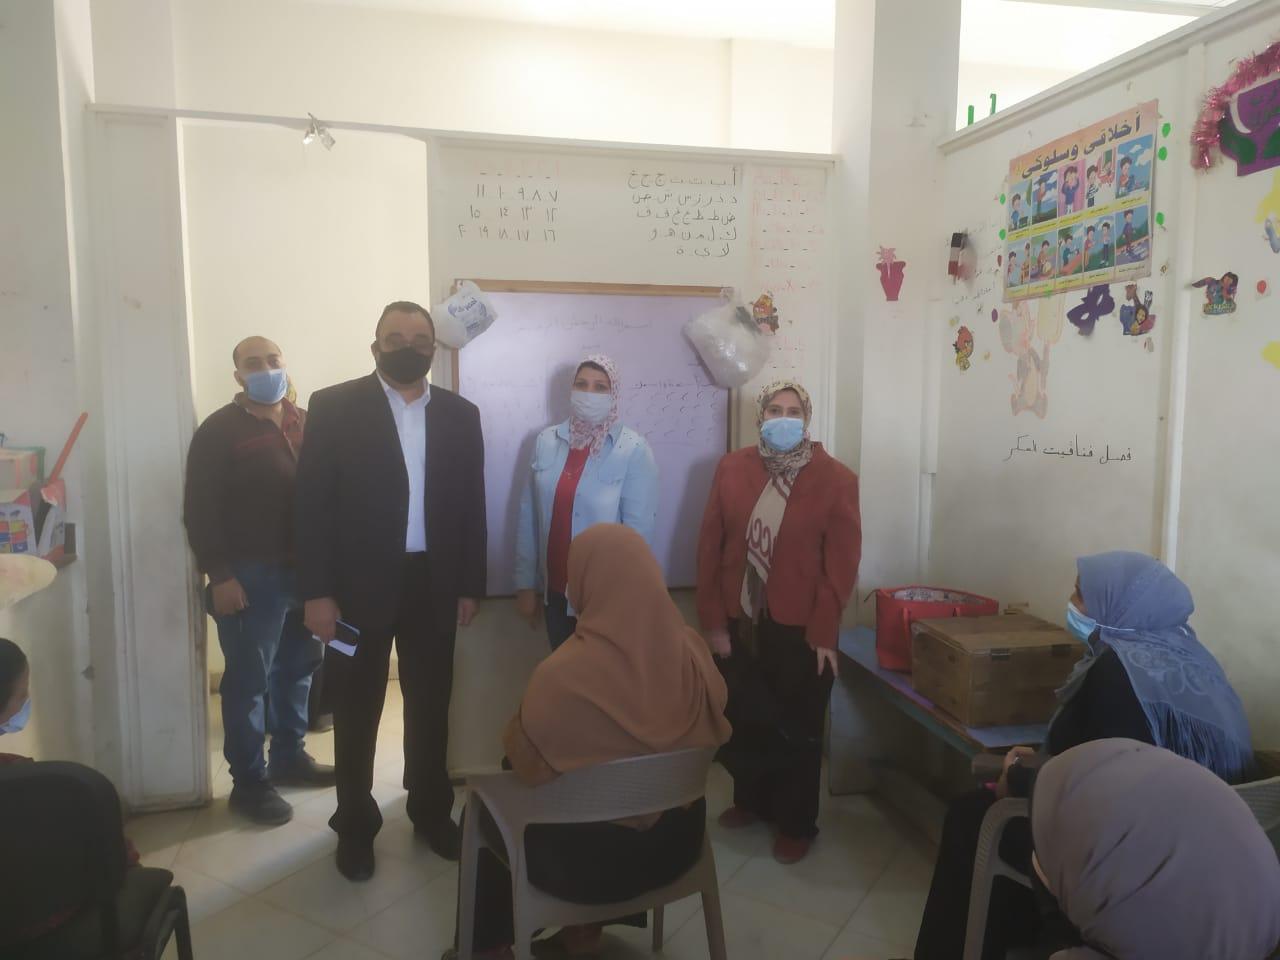 جامعة حلوان تطلق المرحلة الثانية من تطوير منطقة كفر العلو ودعم الأسر (2)